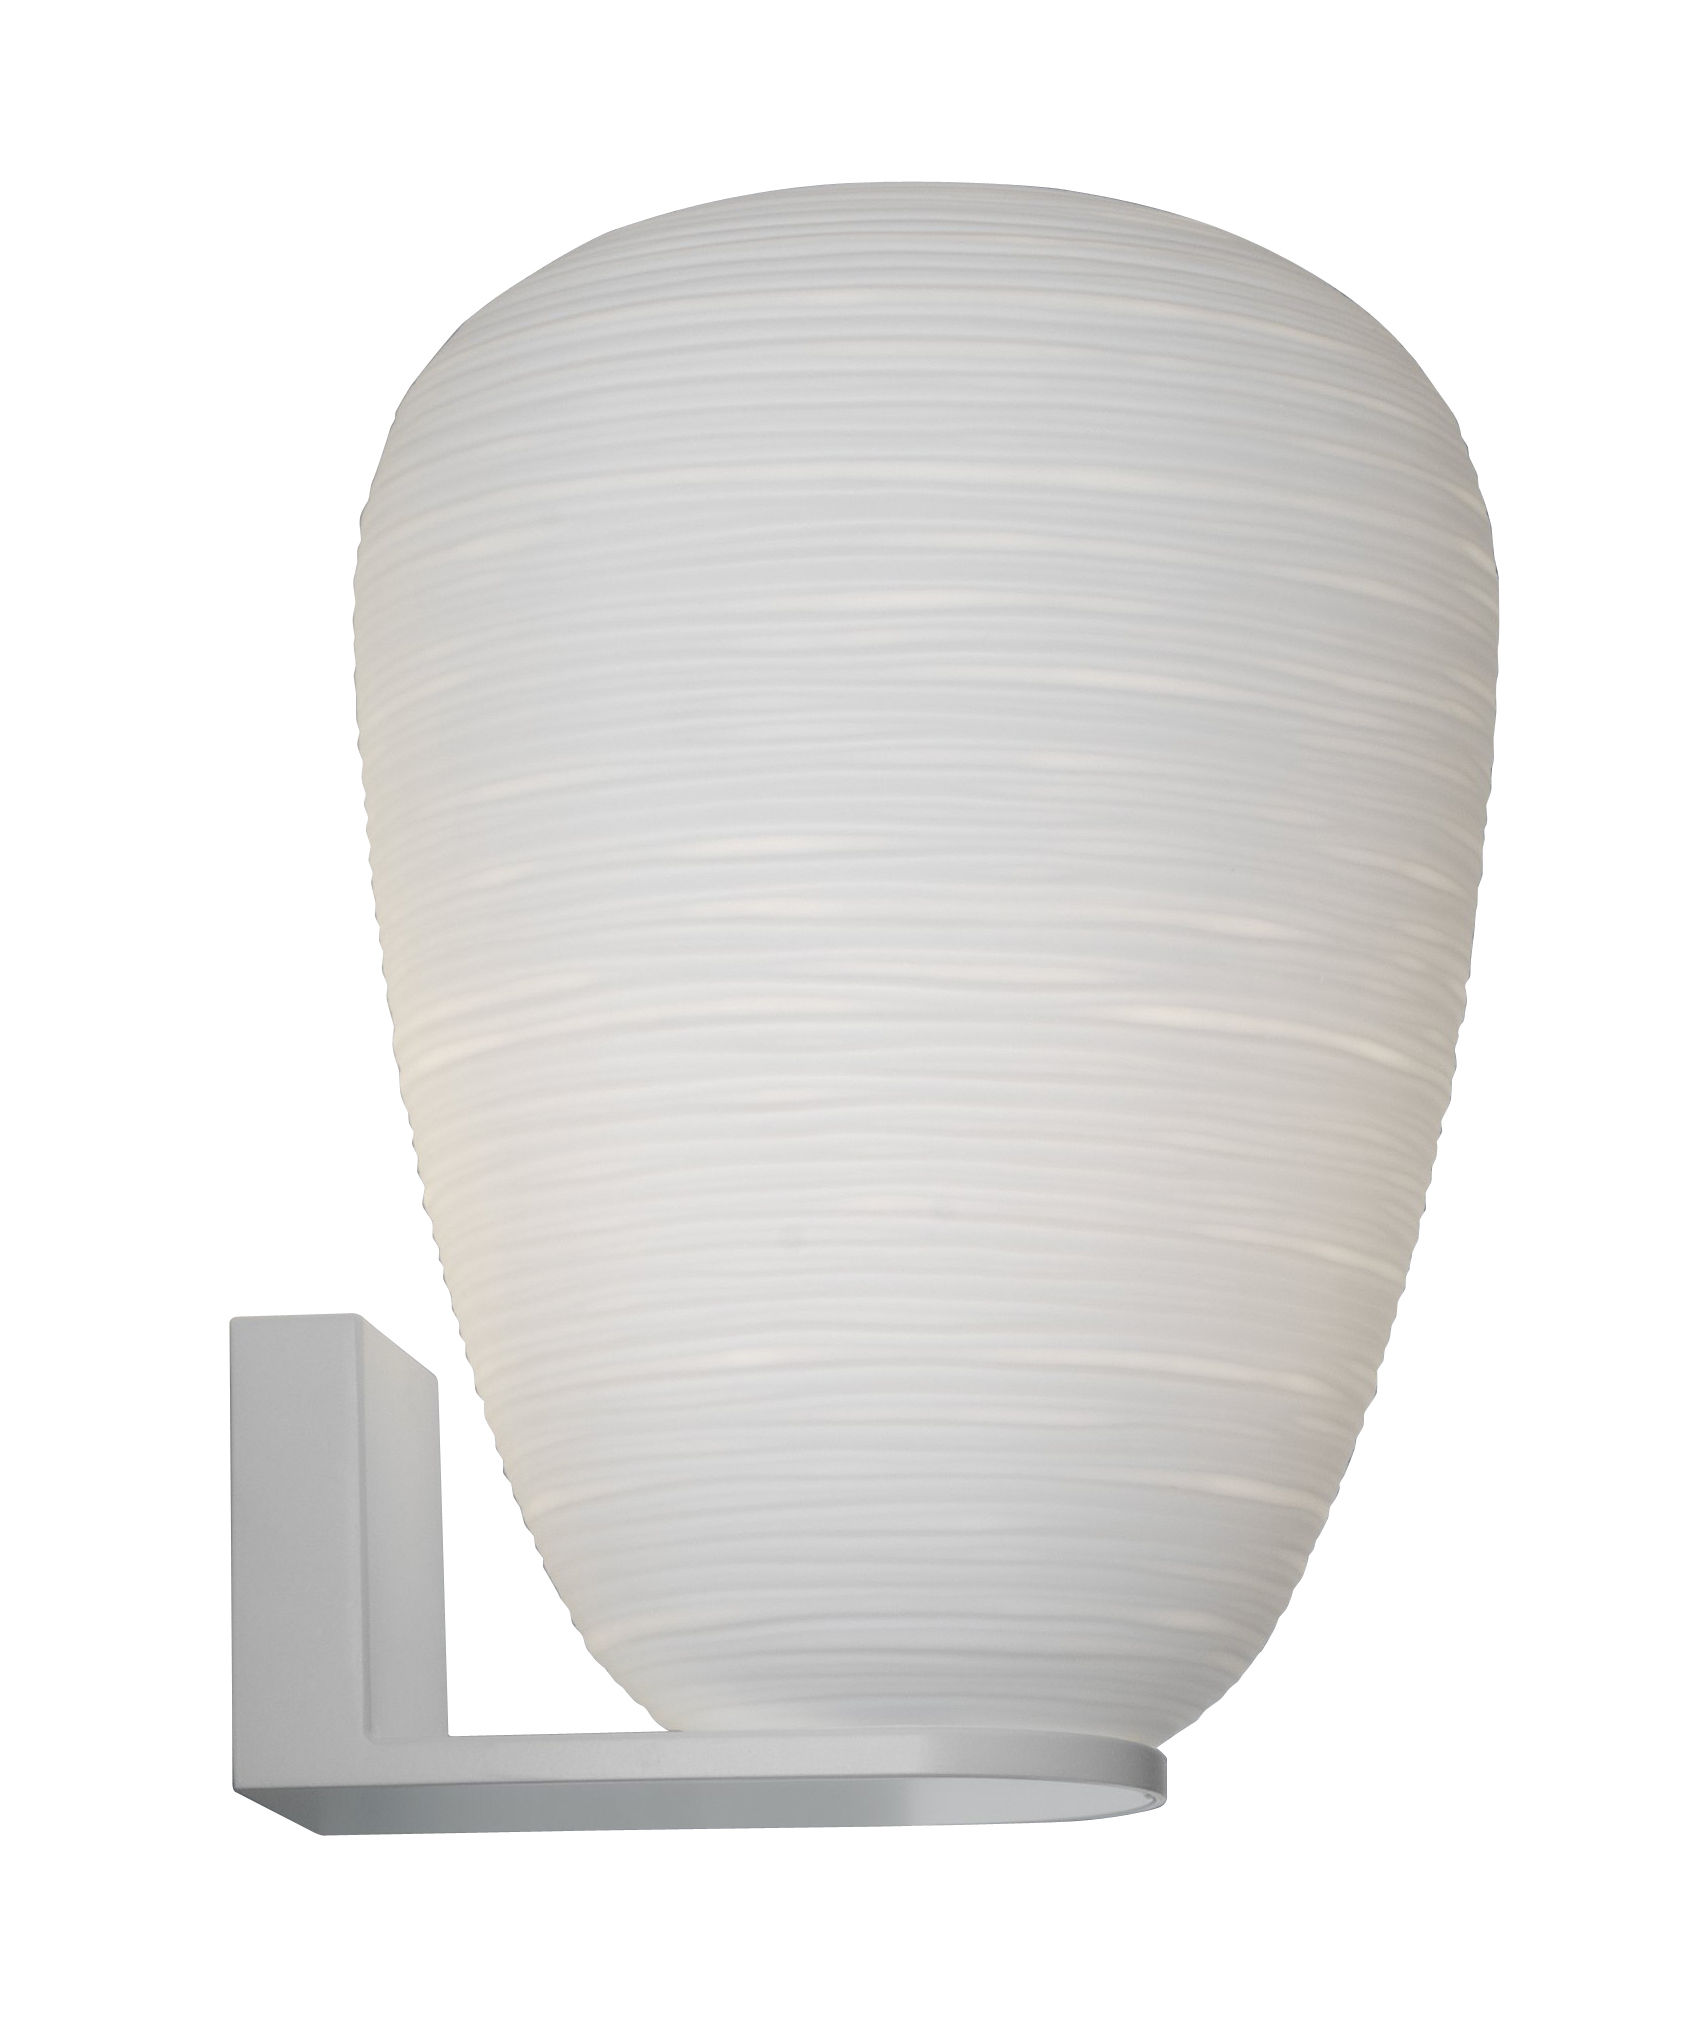 Leuchten - Wandleuchten - Rituals 1 Wandleuchte / Ø 24 cm x H 34 cm - Foscarini - H 34 cm / weiß - lackiertes Metall, mundgeblasenes Glas